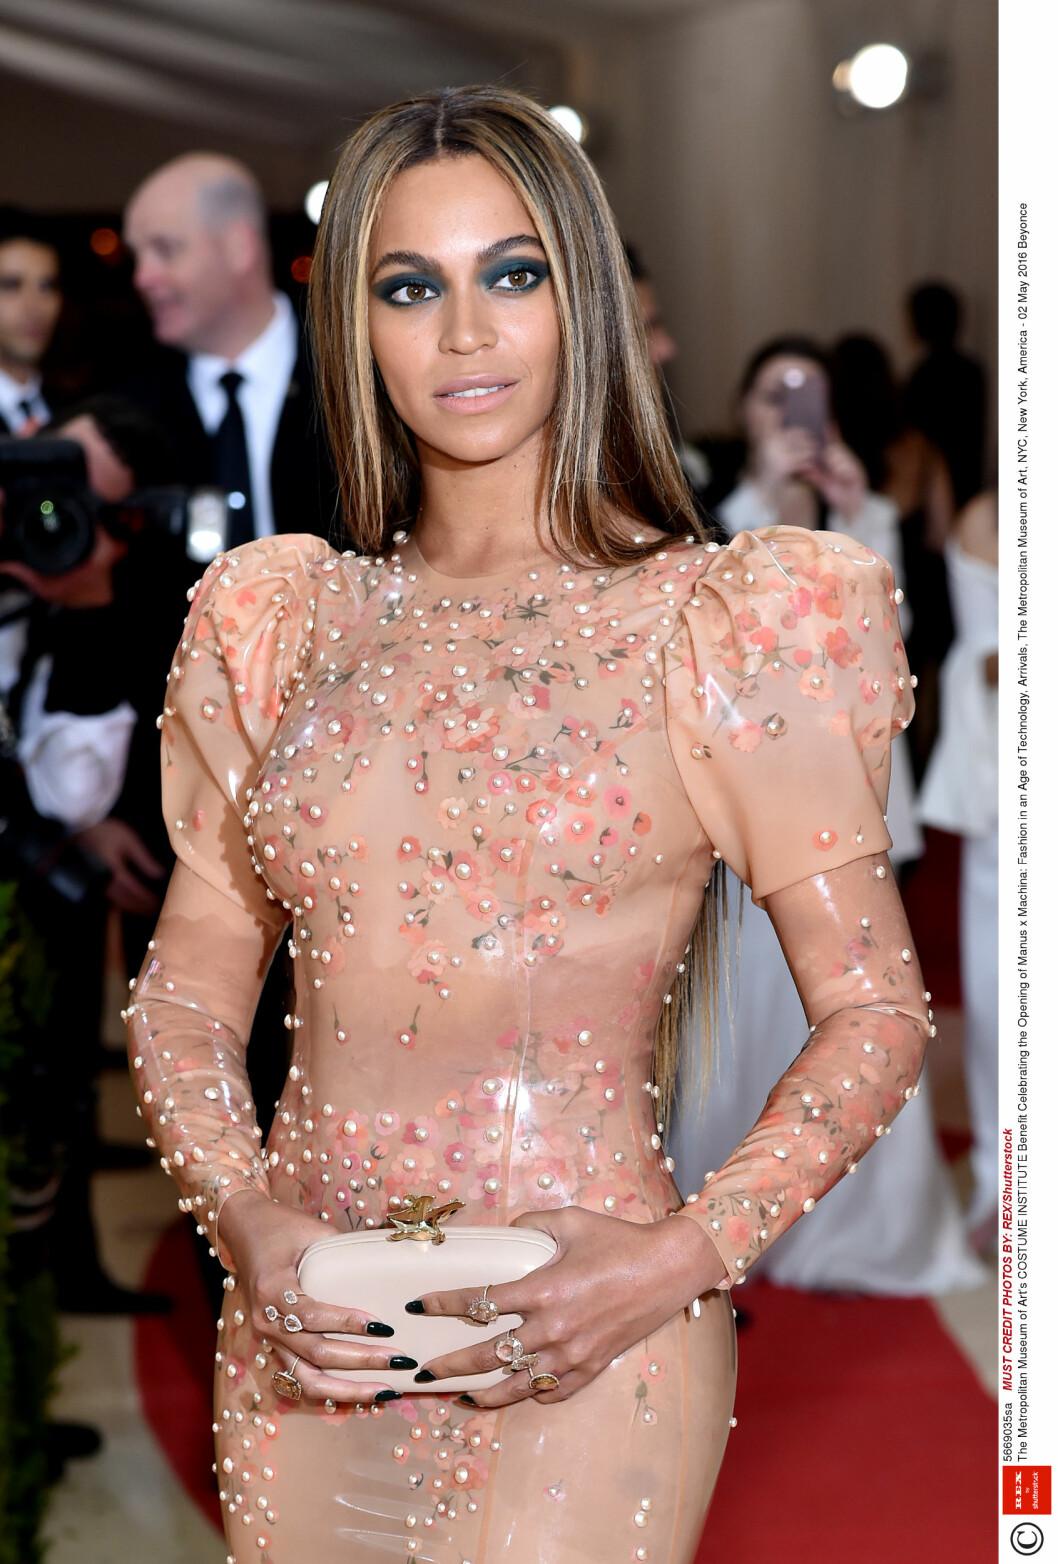 MOTEBEVISST: Page Six mener at Beyoncé droppet både gifte- og forlovelsesringen sin på årets Met-galla fordi de ikke passet til den spesielle Givenchy-kjolen hennes. I stedet var hun iført smykker fra Lorraine Schwartz. Foto: Rex Features